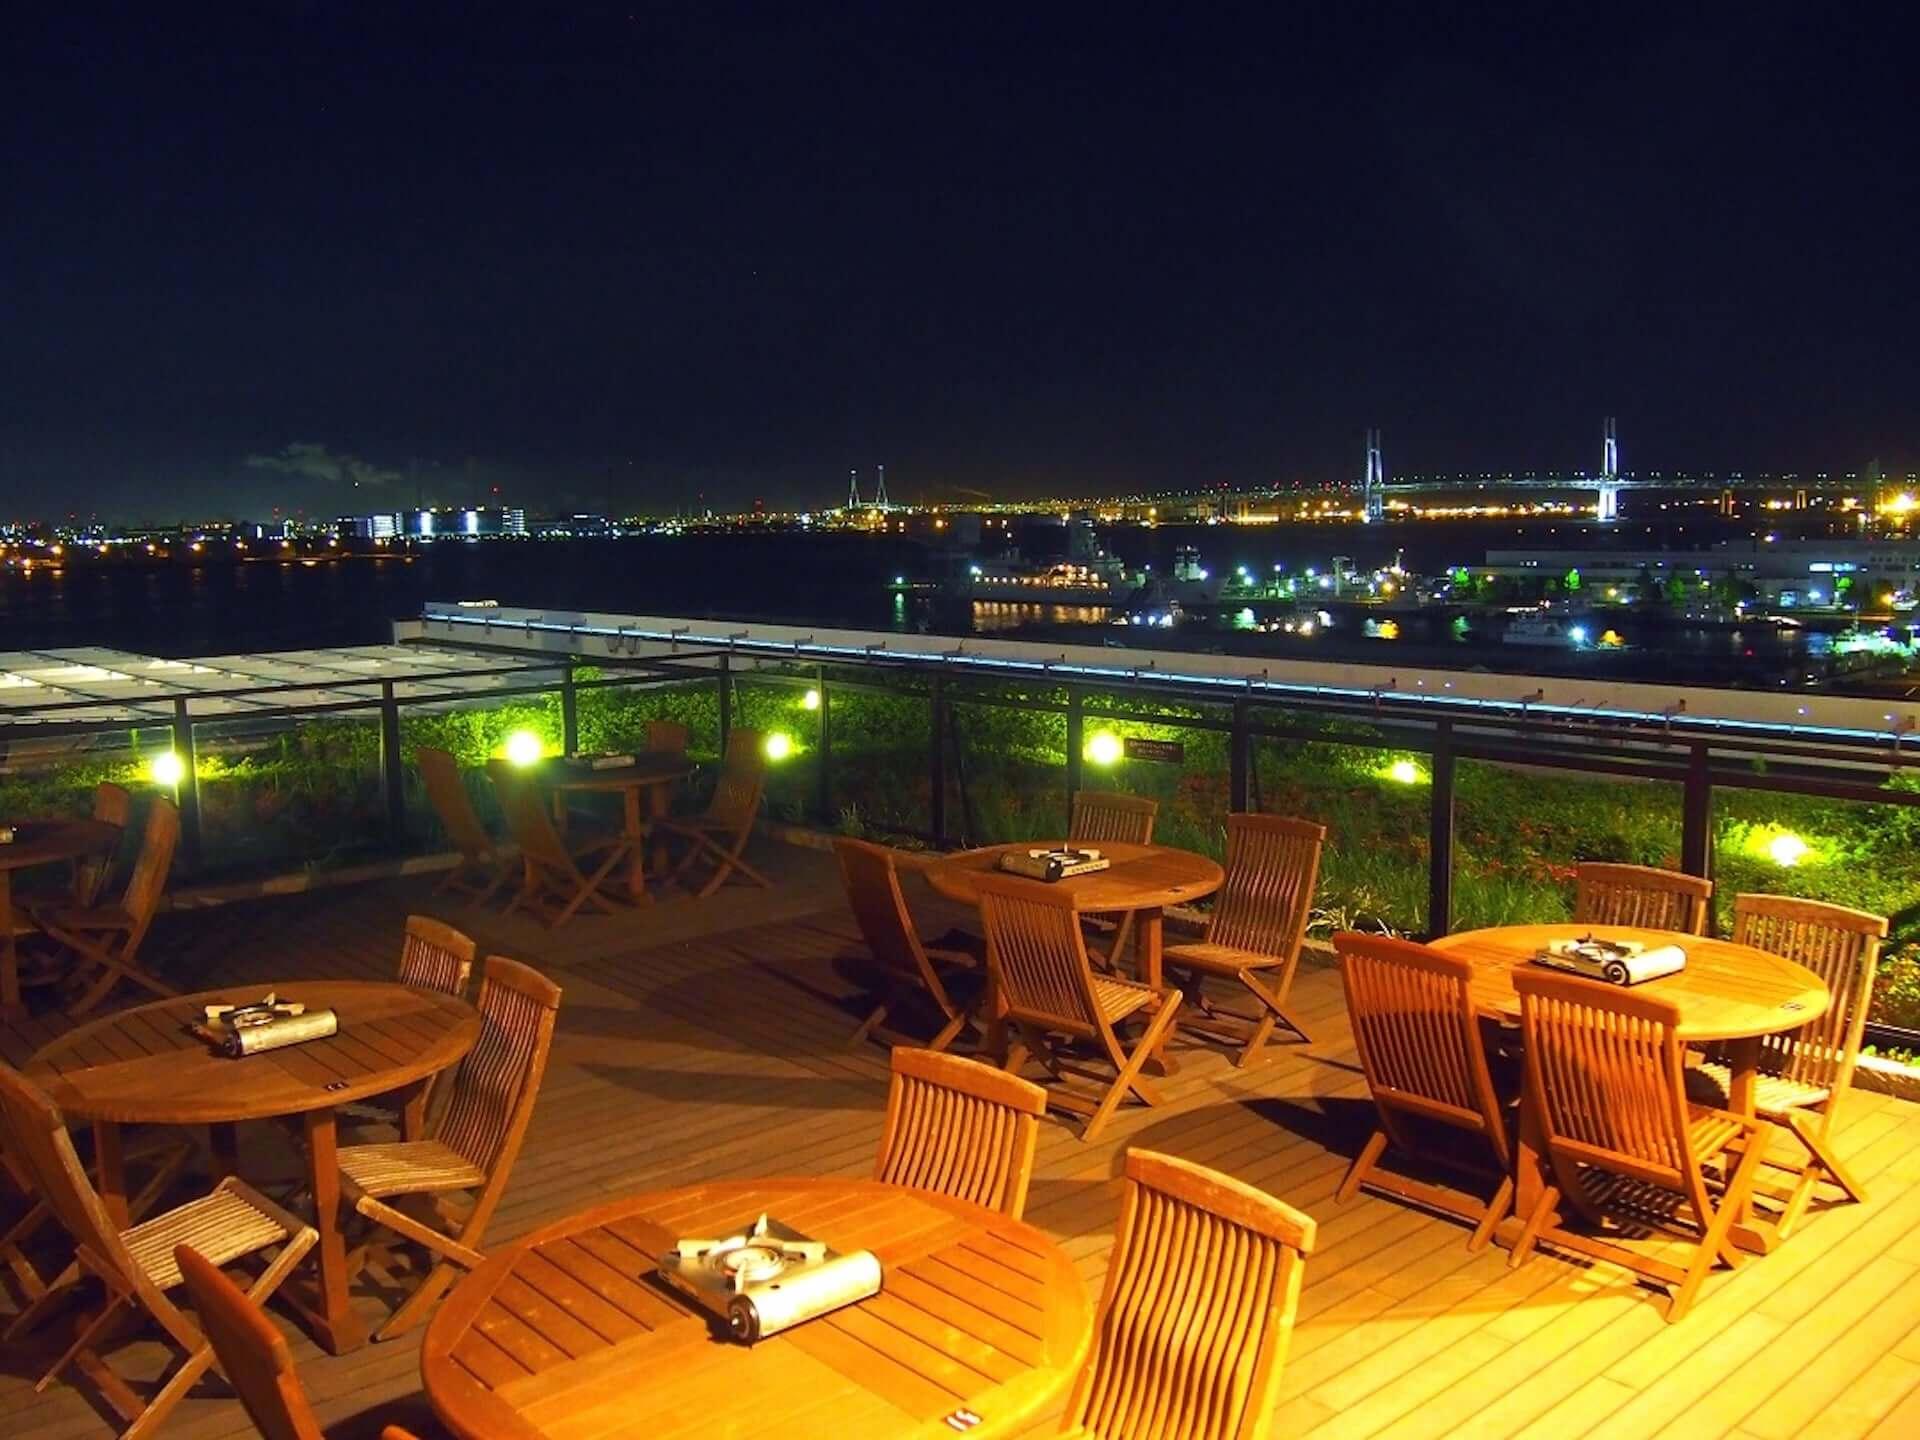 ビアガーデンと温泉を一緒に楽しもう!横浜港を臨むBBQビアガーデンが現在開催中! lifefashion190725beergarden_1-1920x1440